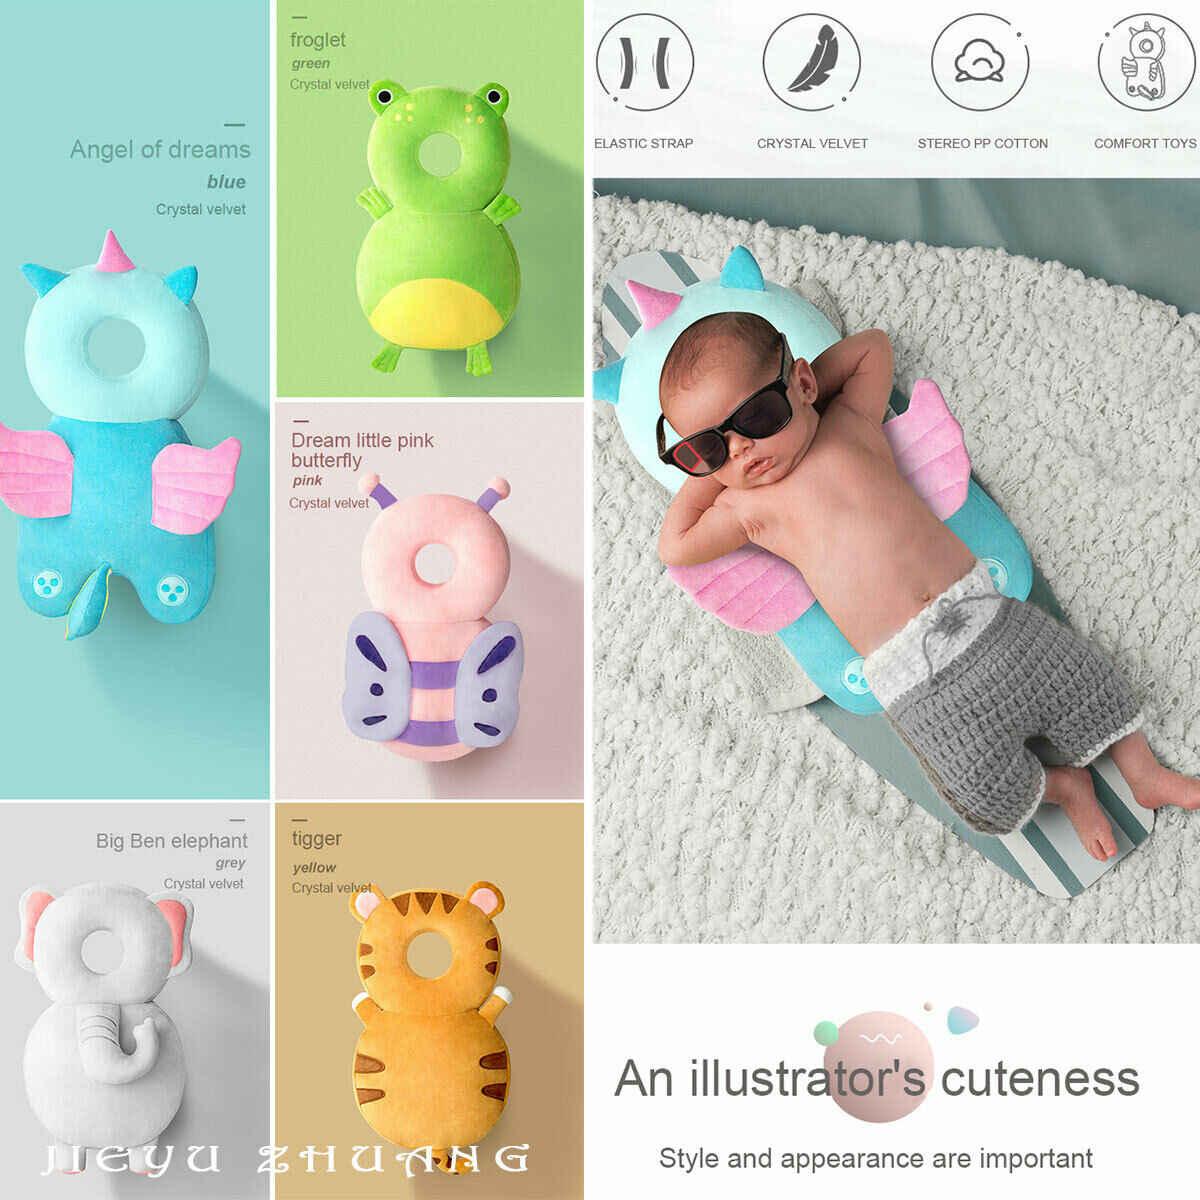 2019, Protector de la cabeza del bebé recién nacido, cojín de seguridad, cojín de seguridad para evitar lesiones, unicornio, abeja de dibujos animados, almohadas de seguridad 1-3Y